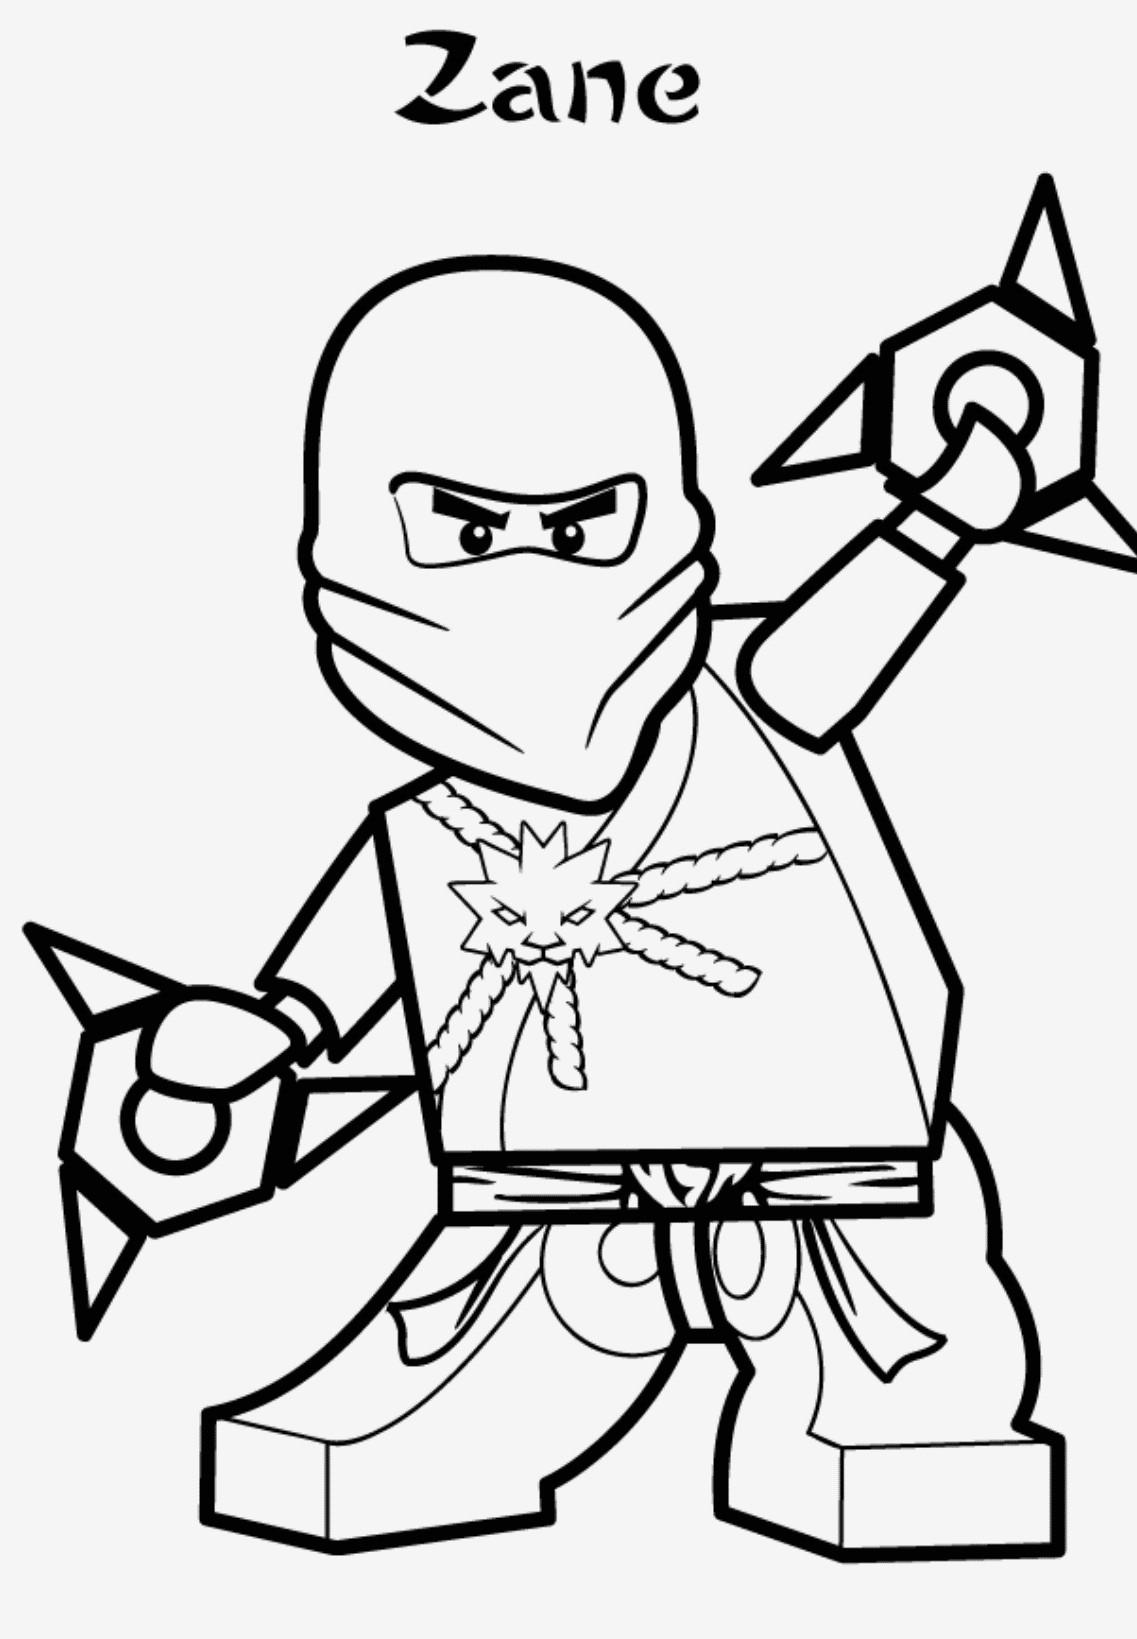 Ausmalbilder Kostenlos Ninjago Das Beste Von Ninjago Malvorlagen Kostenlos Zum Ausdrucken Eine Sammlung Von Fotos